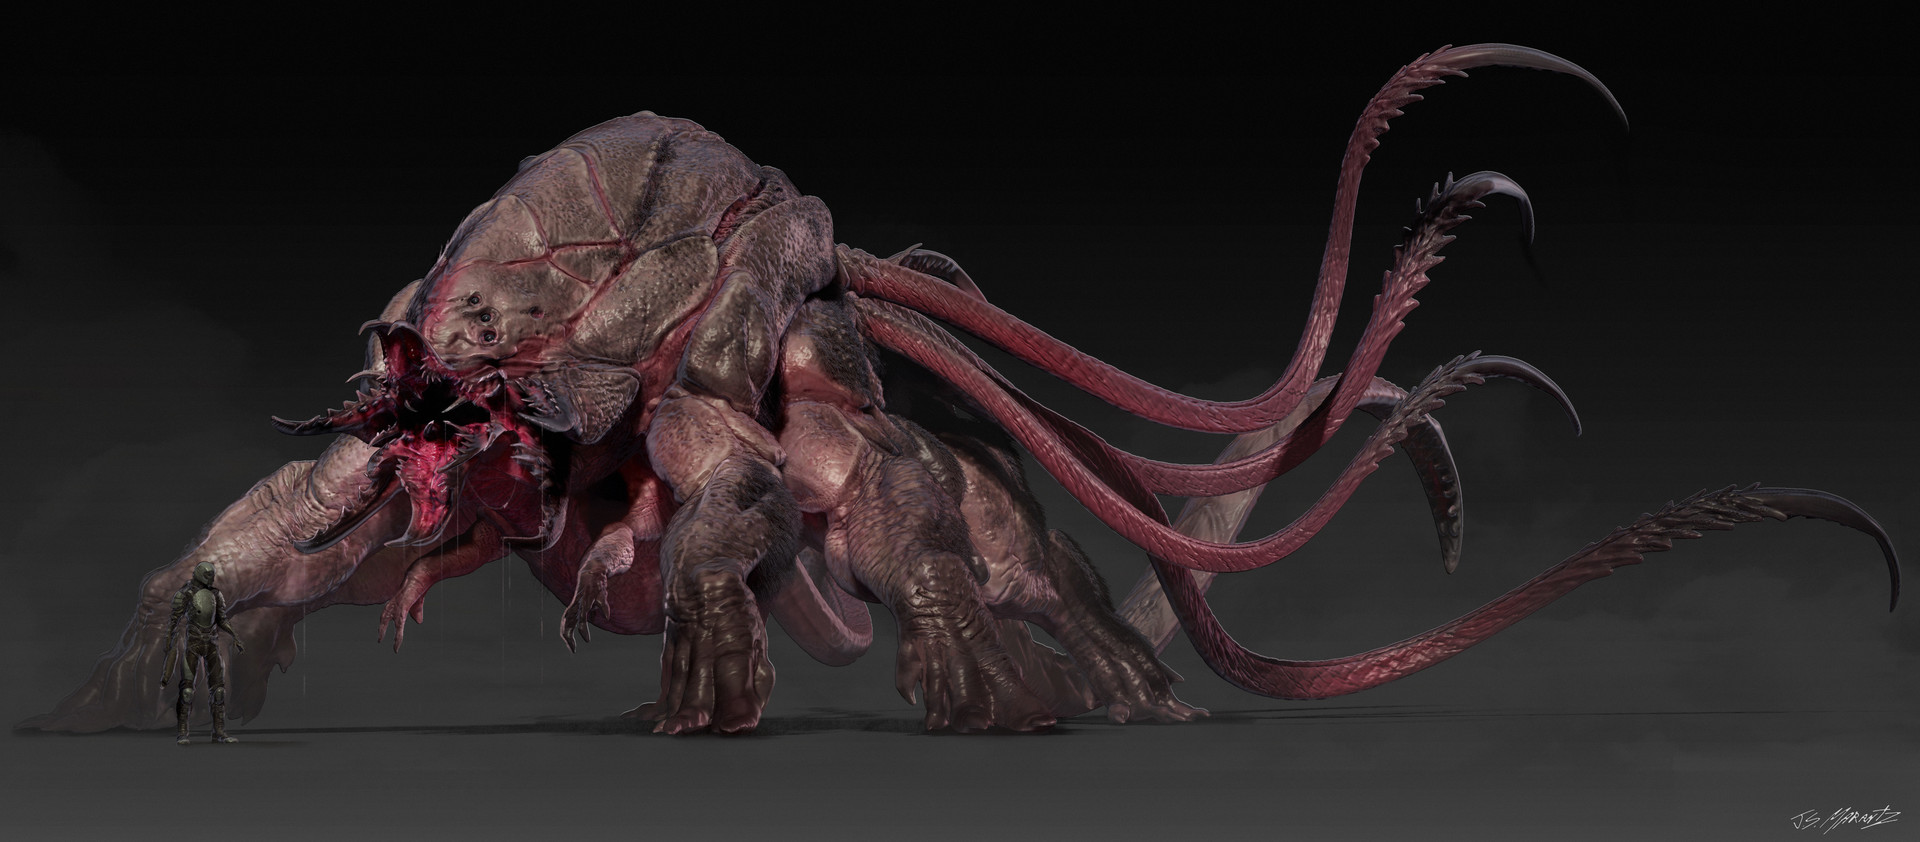 Jerx marantz monster qaurter